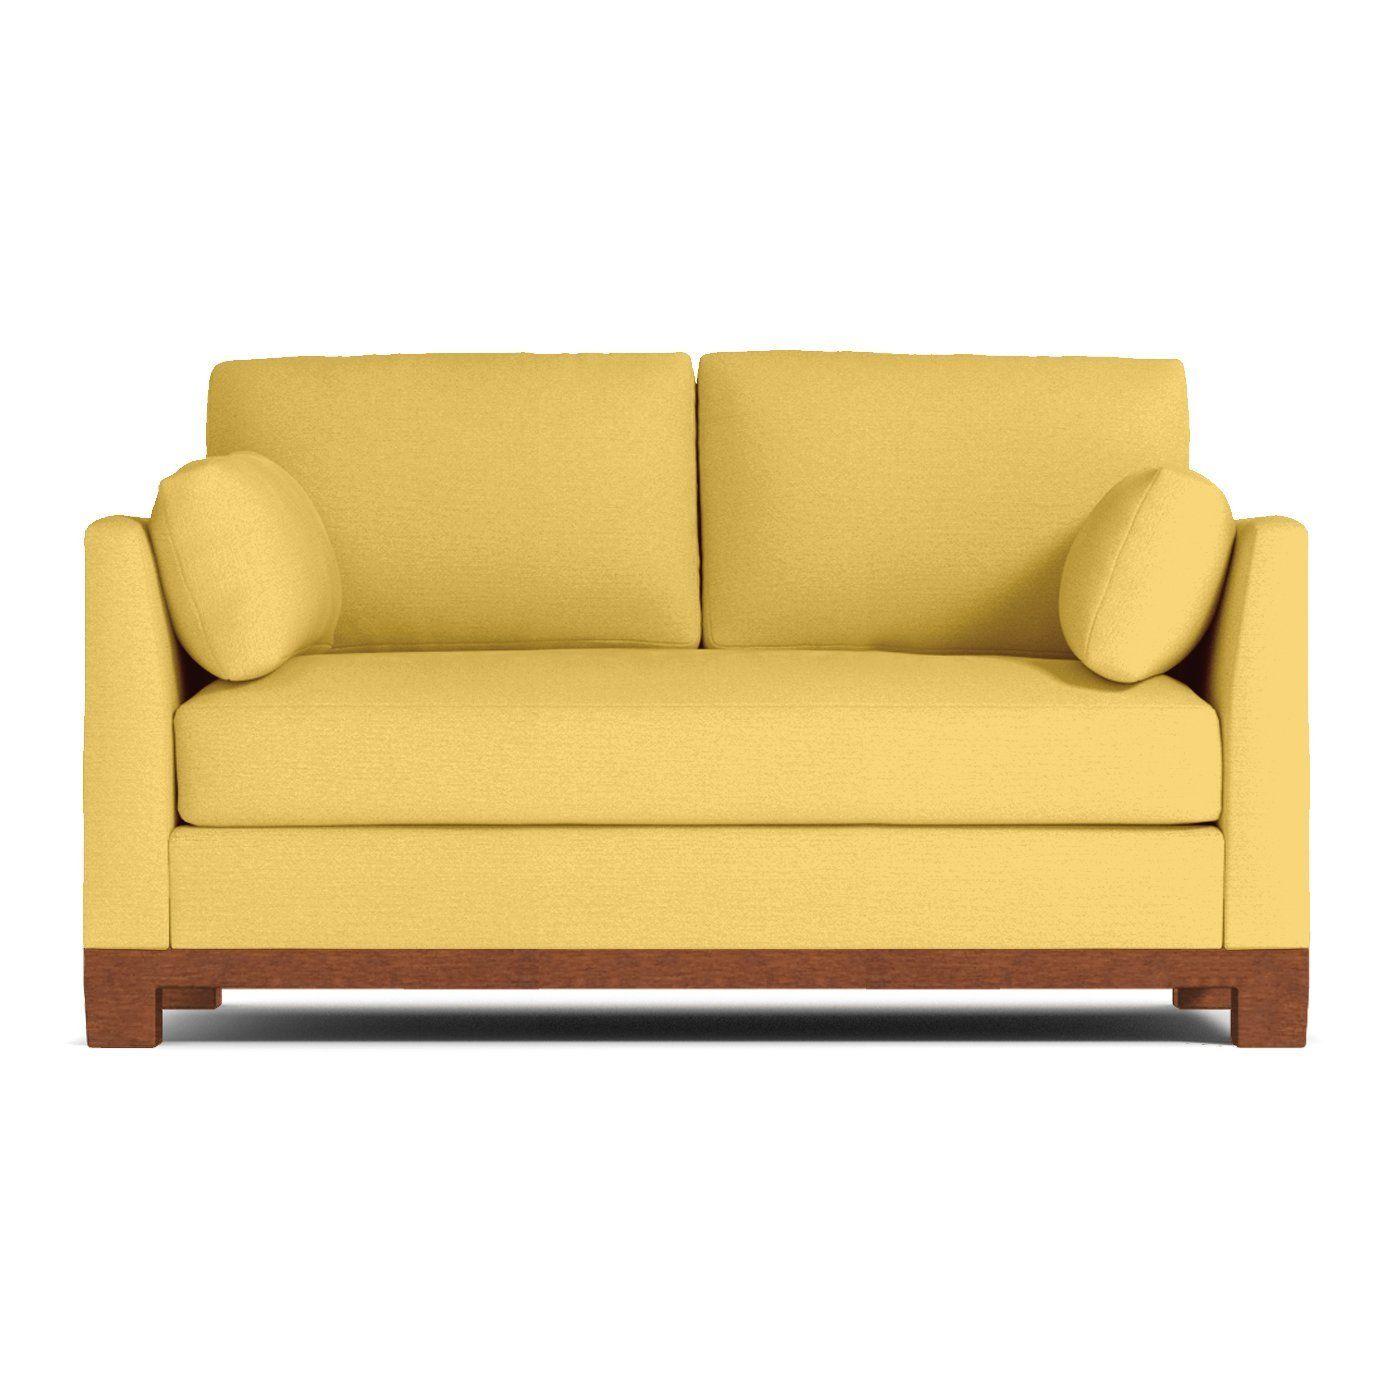 awesome Apartment Size Sleeper Sofa , Luxury Apartment Size Sleeper ...